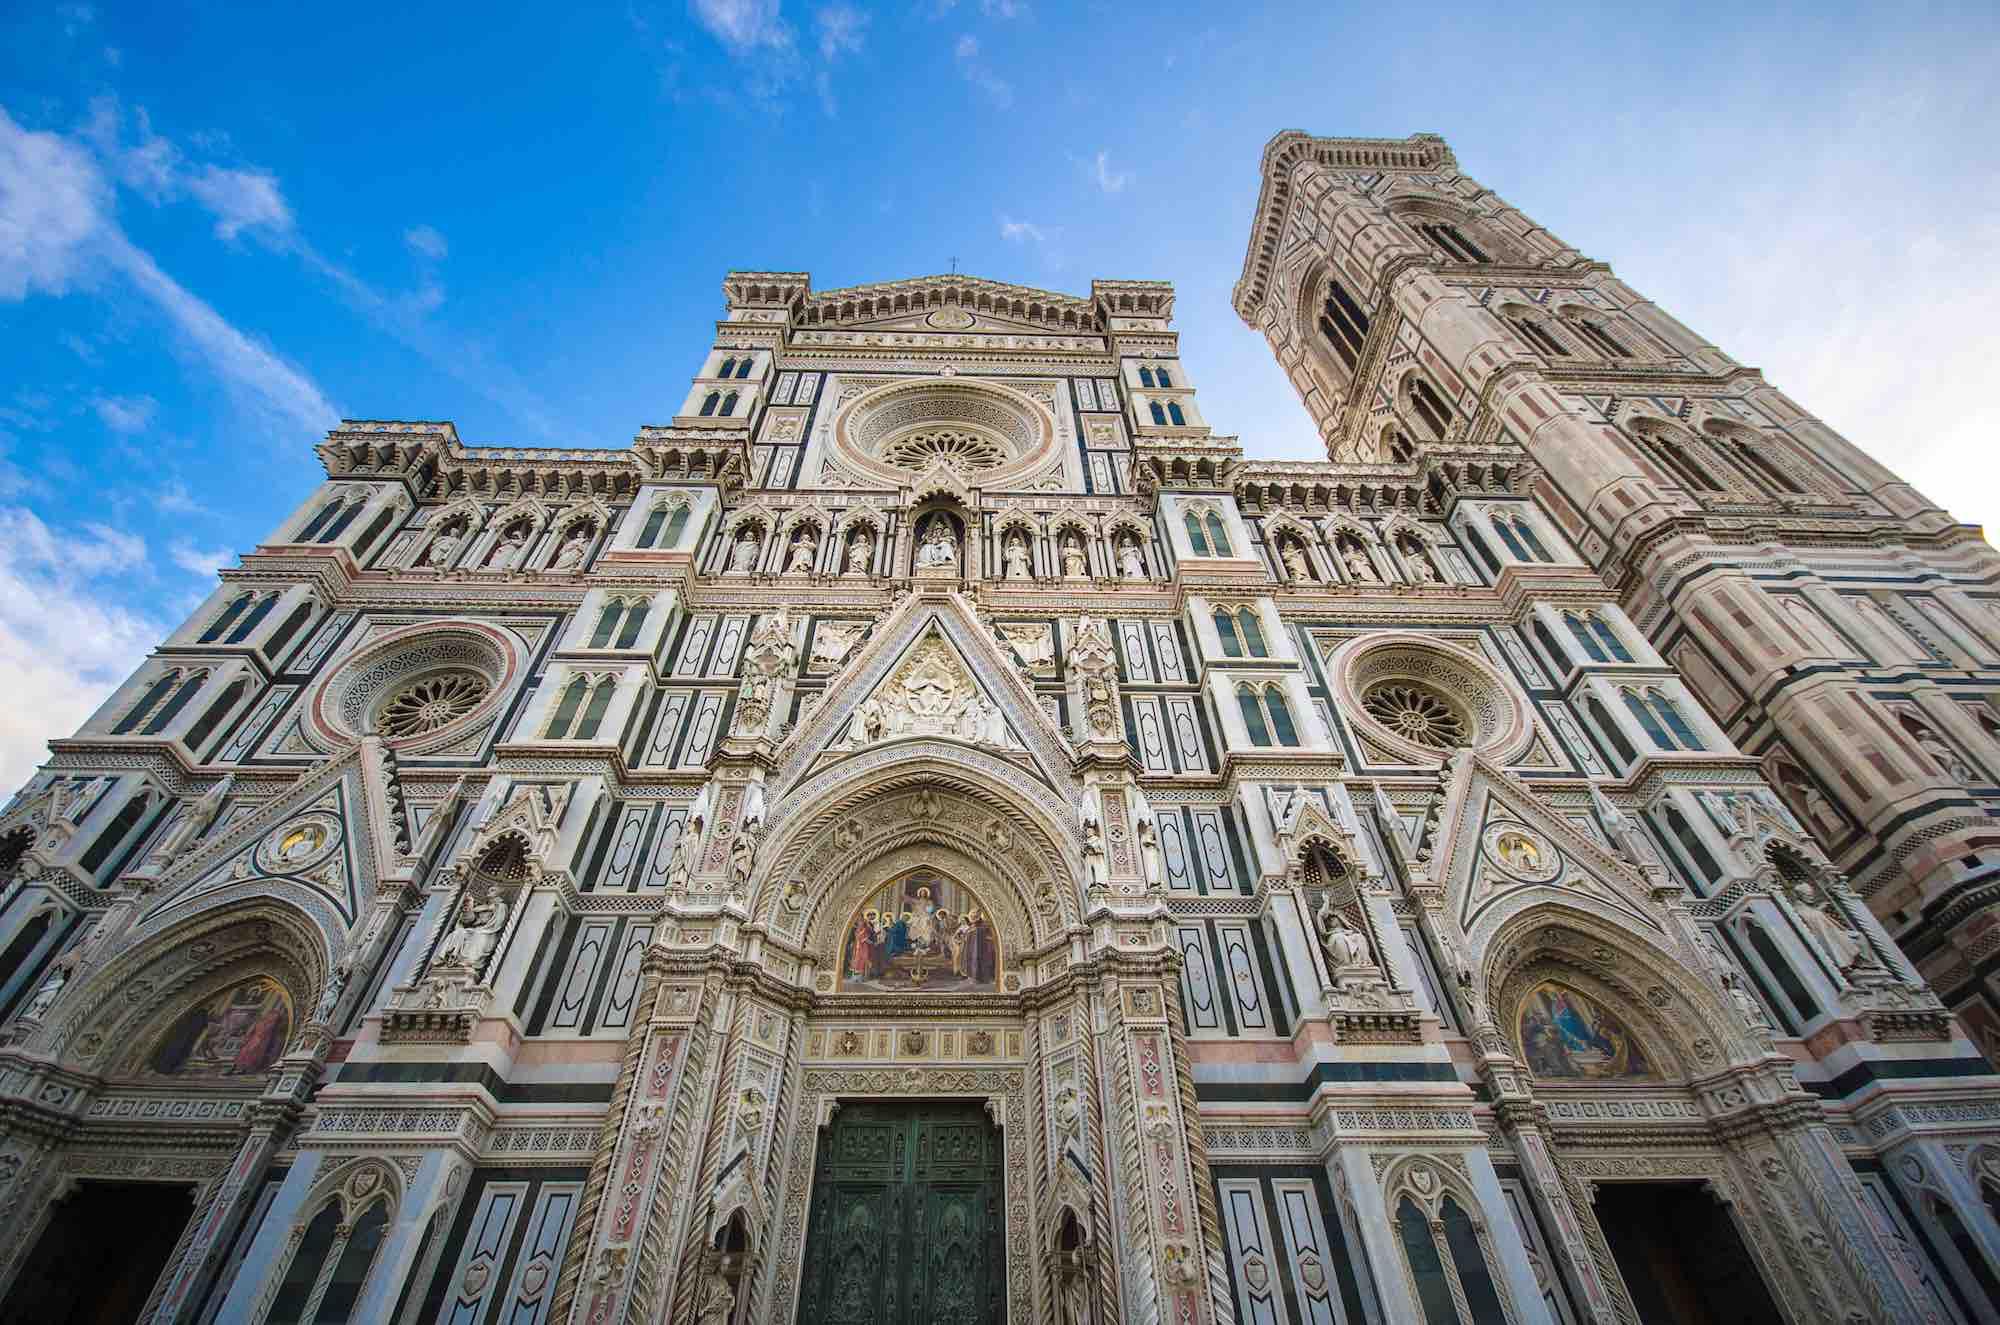 Facciata del Duomo di Firenze e Campanile di Giotto